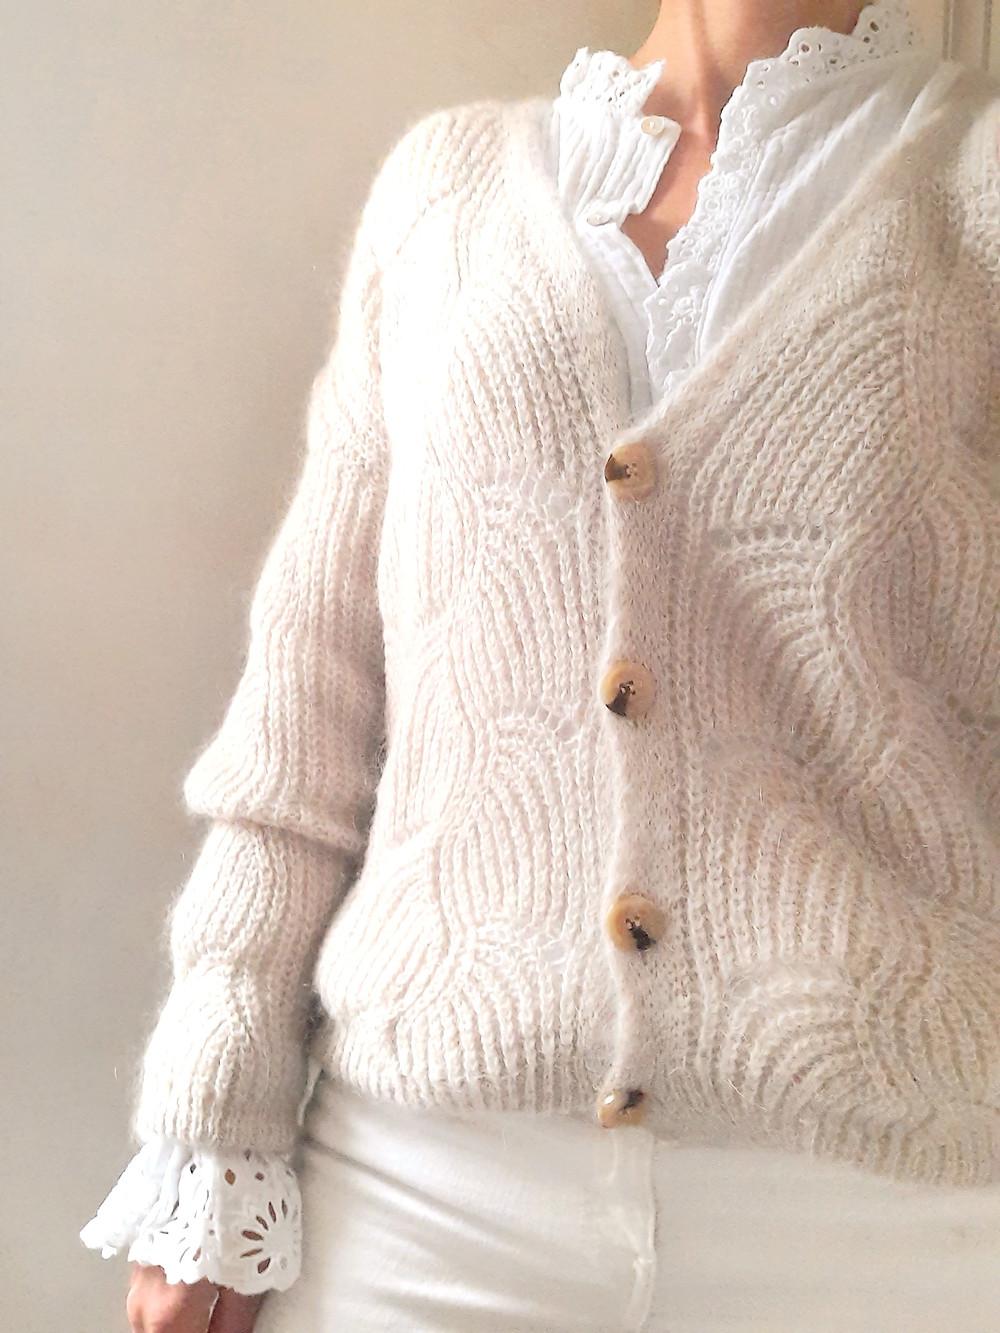 gilet ajouré trés doux gris ou beige à adopter car c'est un must have !! Joliette-shop.com